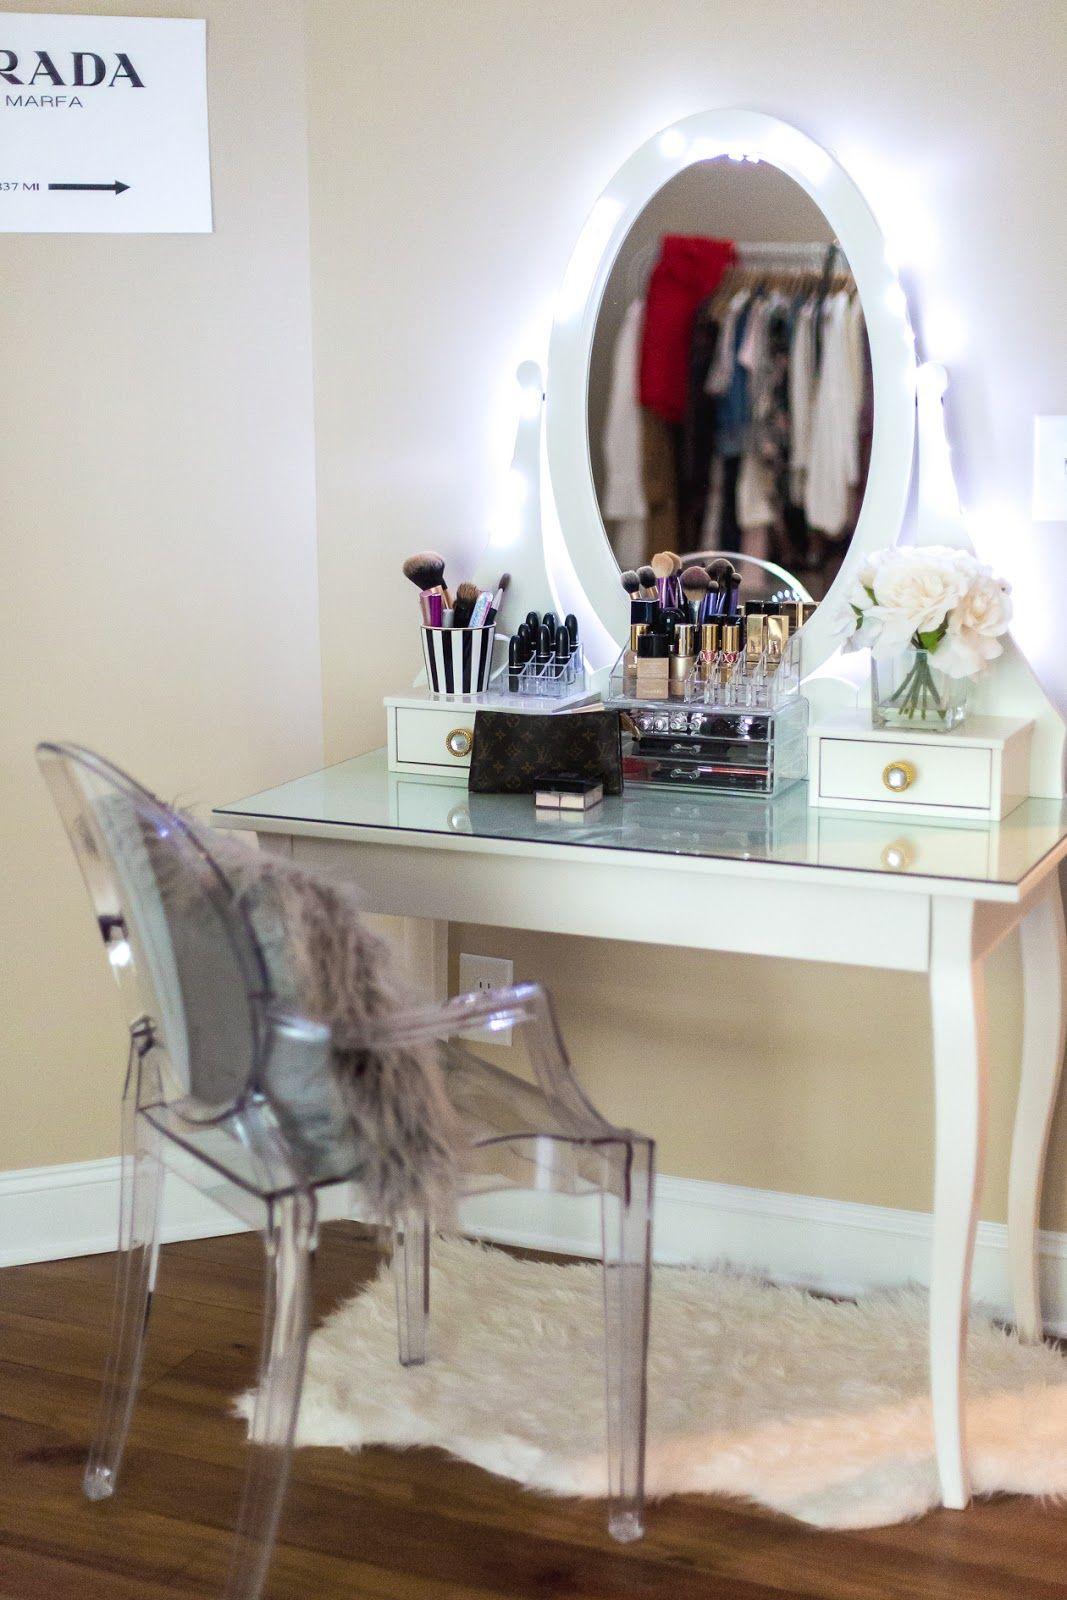 BEAUTY SETUP {Beauty space} Ikea vanity, Light up